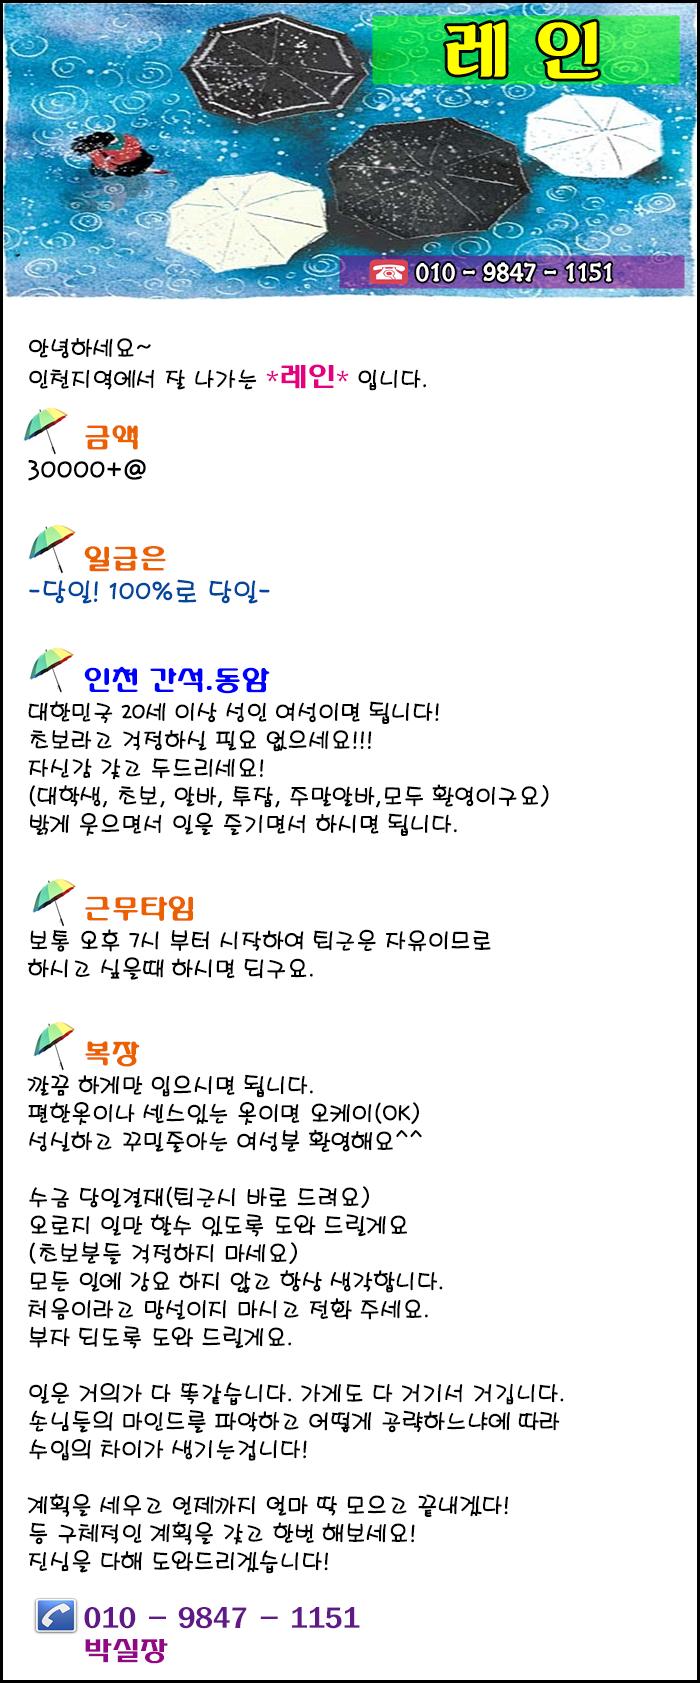 나나알바 인천남동구 밤알바 유흥알바 레인 룸알바